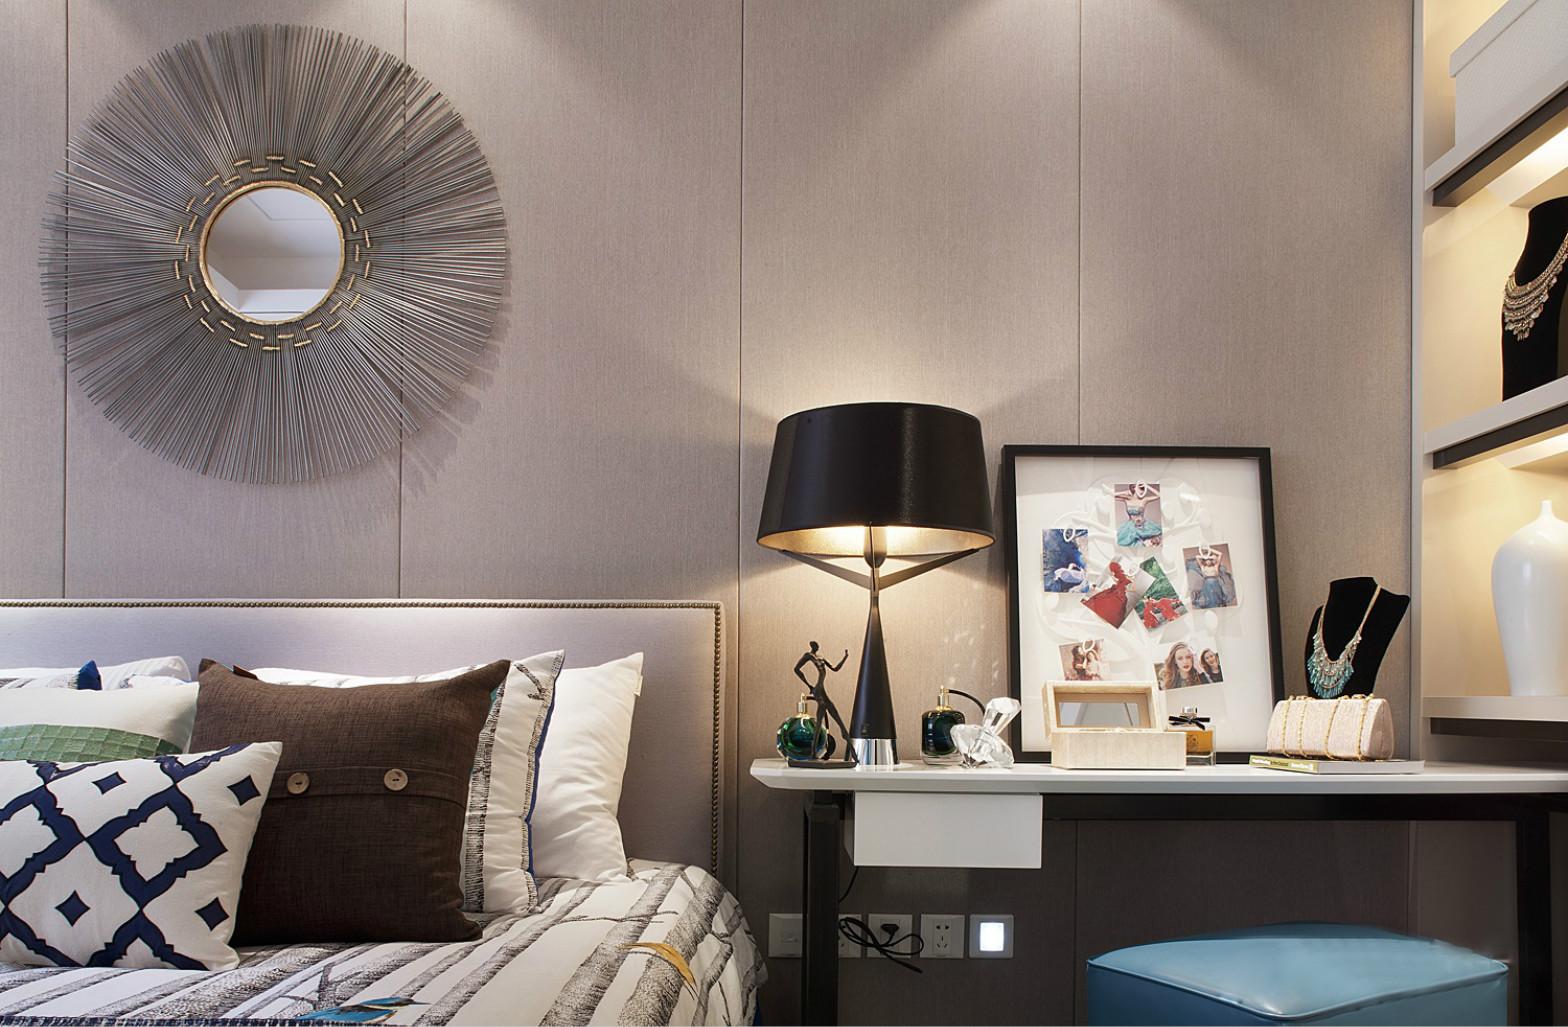 墙面格外温馨的时尚装饰,空间的利用非常完美